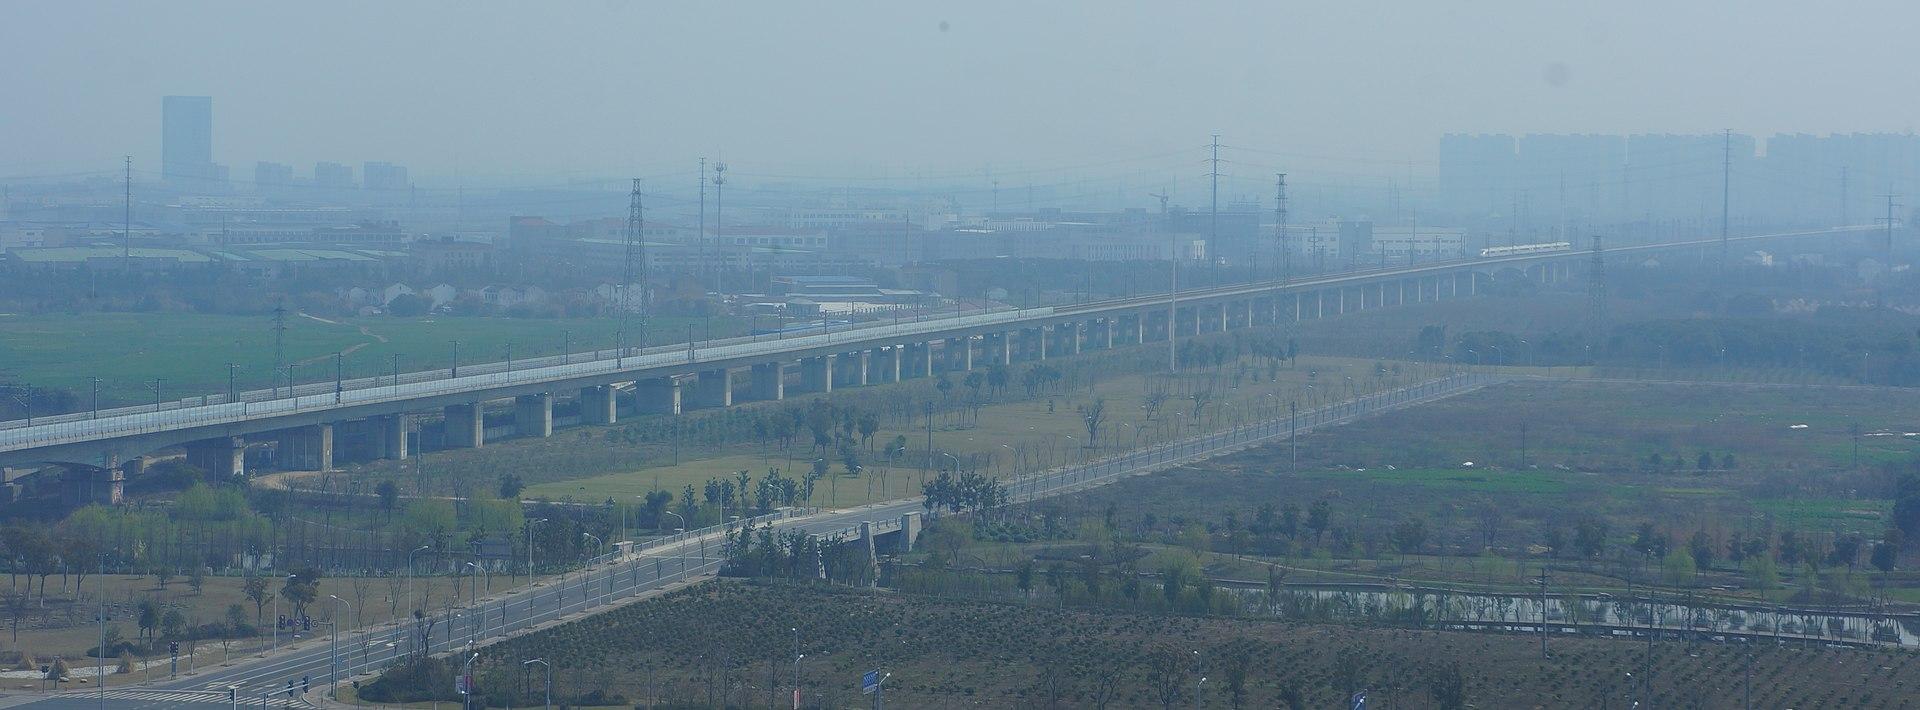 201603 Danyang-Kunshan grand bridge (wuxi) (cropped).JPG